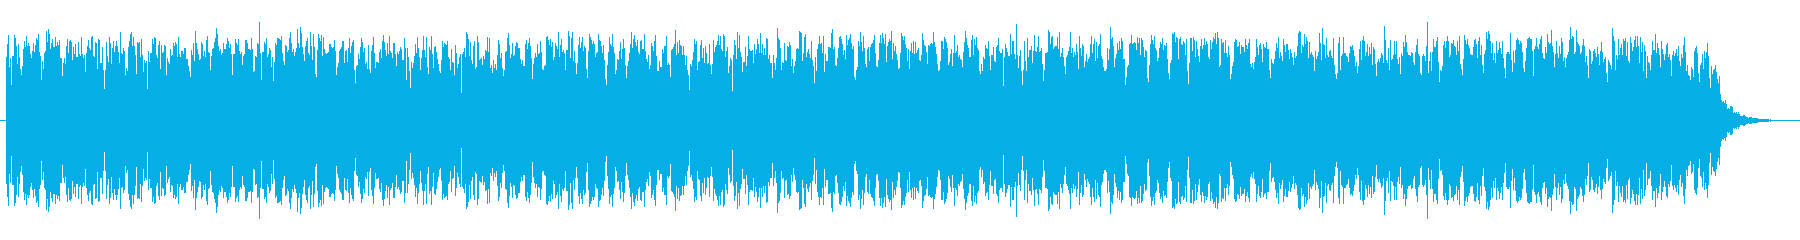 ハイテクでテクノロジーなテクノポップの再生済みの波形